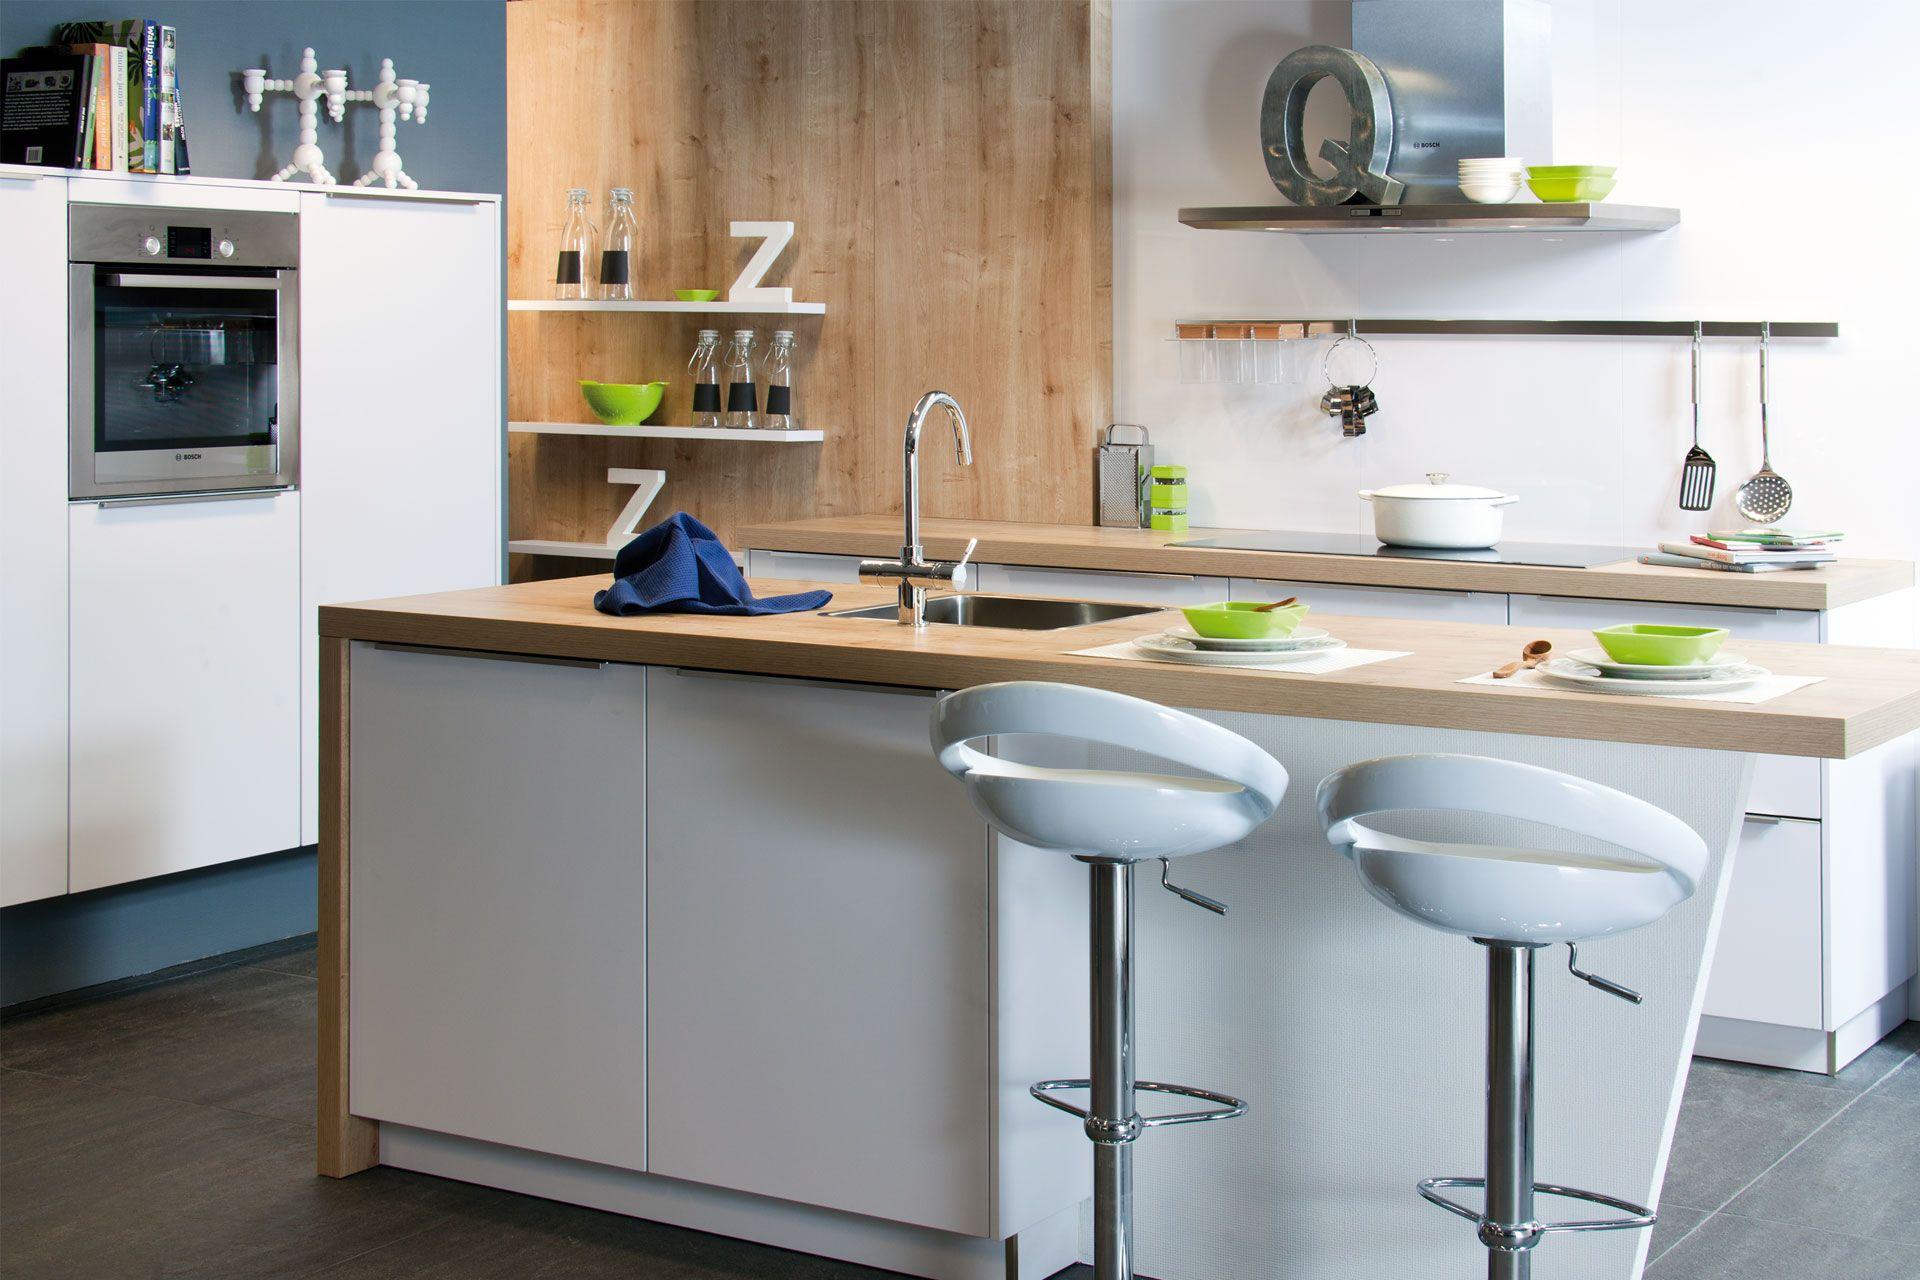 Piet Zwart Keuken Showroom : Keuken Met Eiland Aanbieding : keuken met eiland 48768 mat gelakte